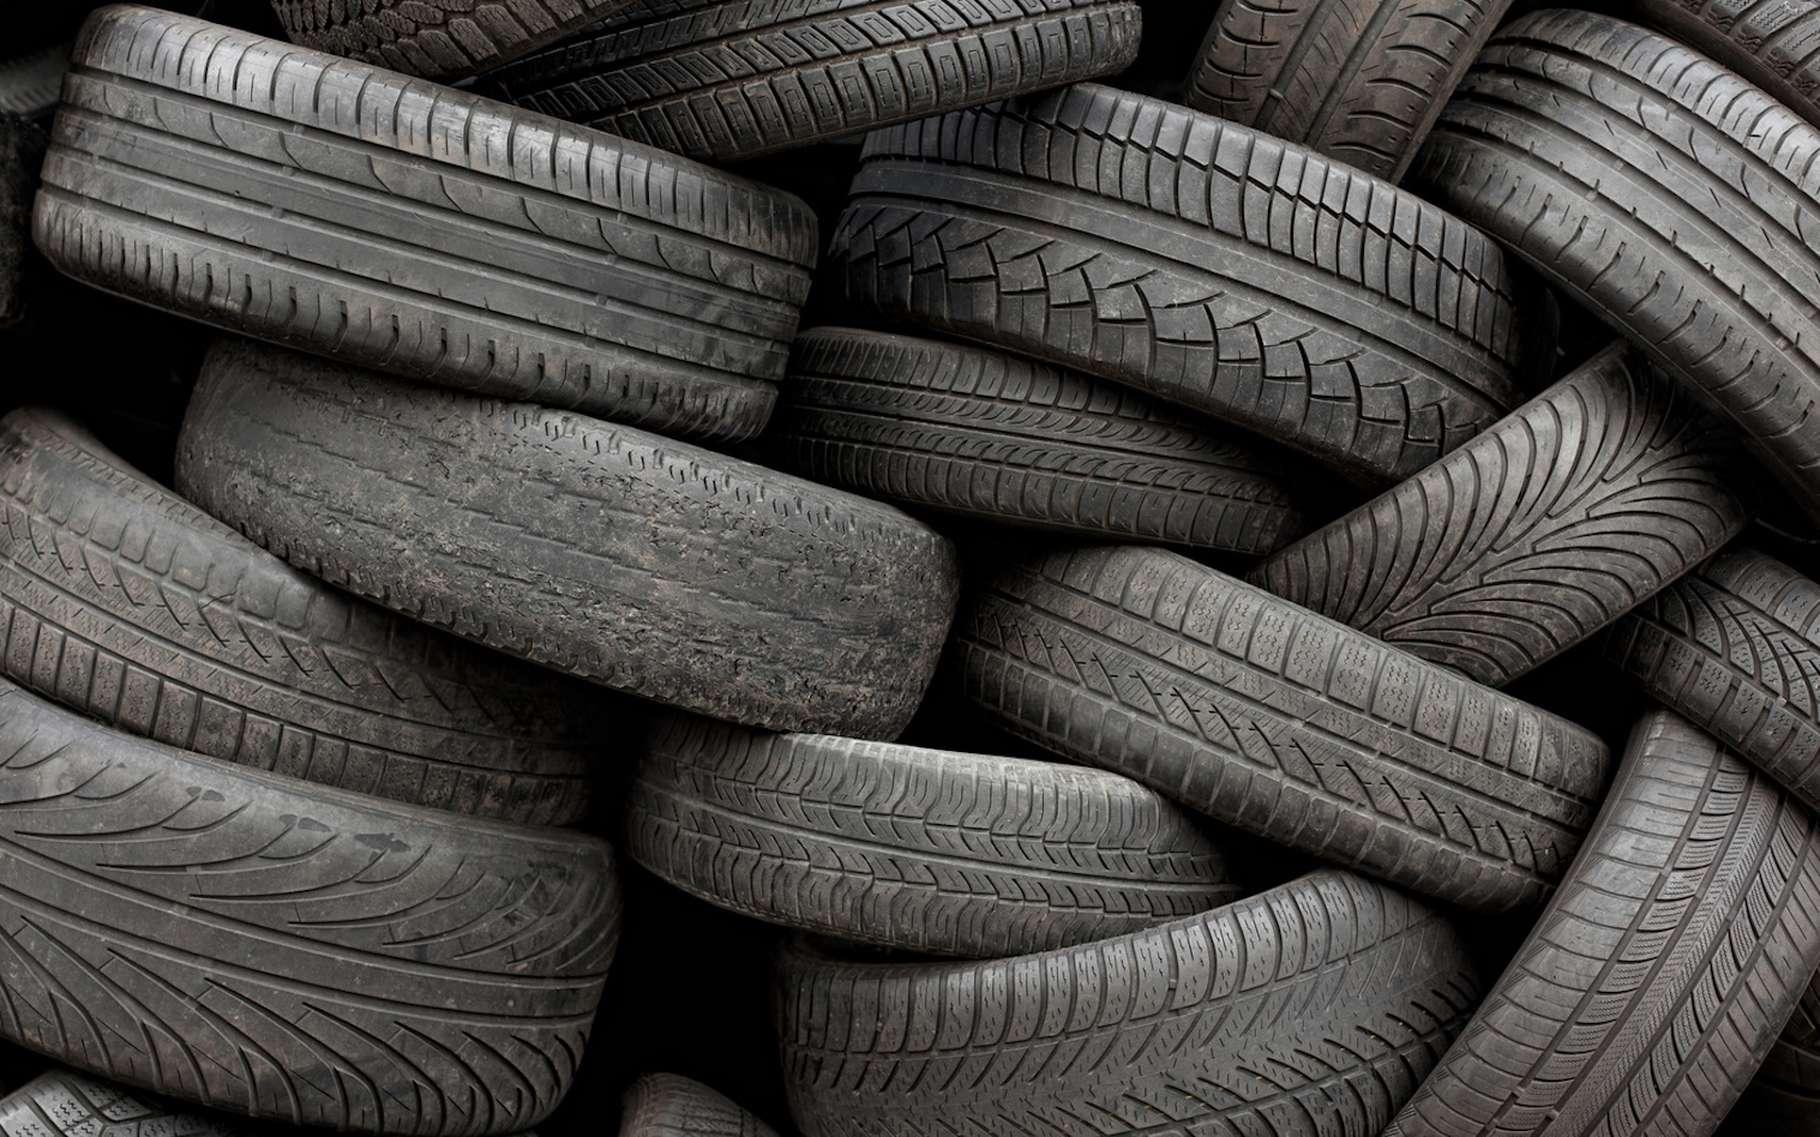 La fabrication d'un pneu est un processus complexe qui fait intervenir de nombreuses matières premières et plusieurs étapes d'élaboration. © Yamix, Fotolia